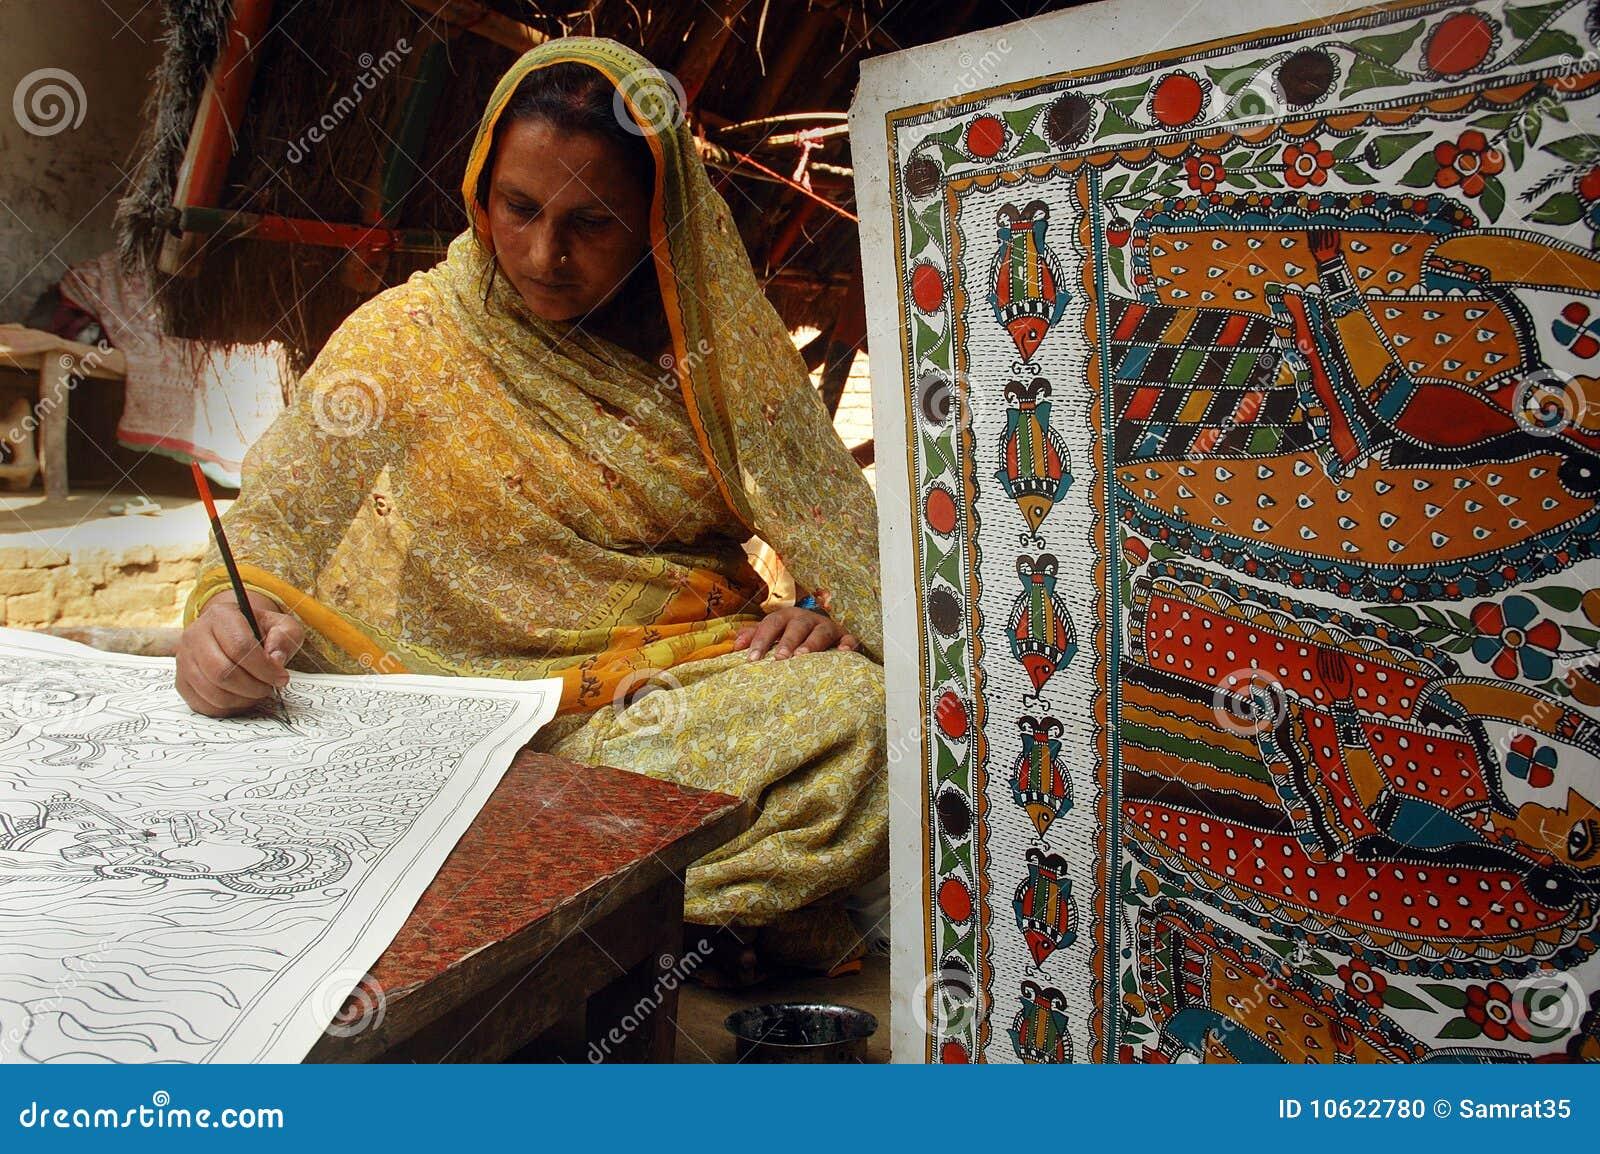 Madhubani Painting In Bihar India Editorial Image Image 10622780